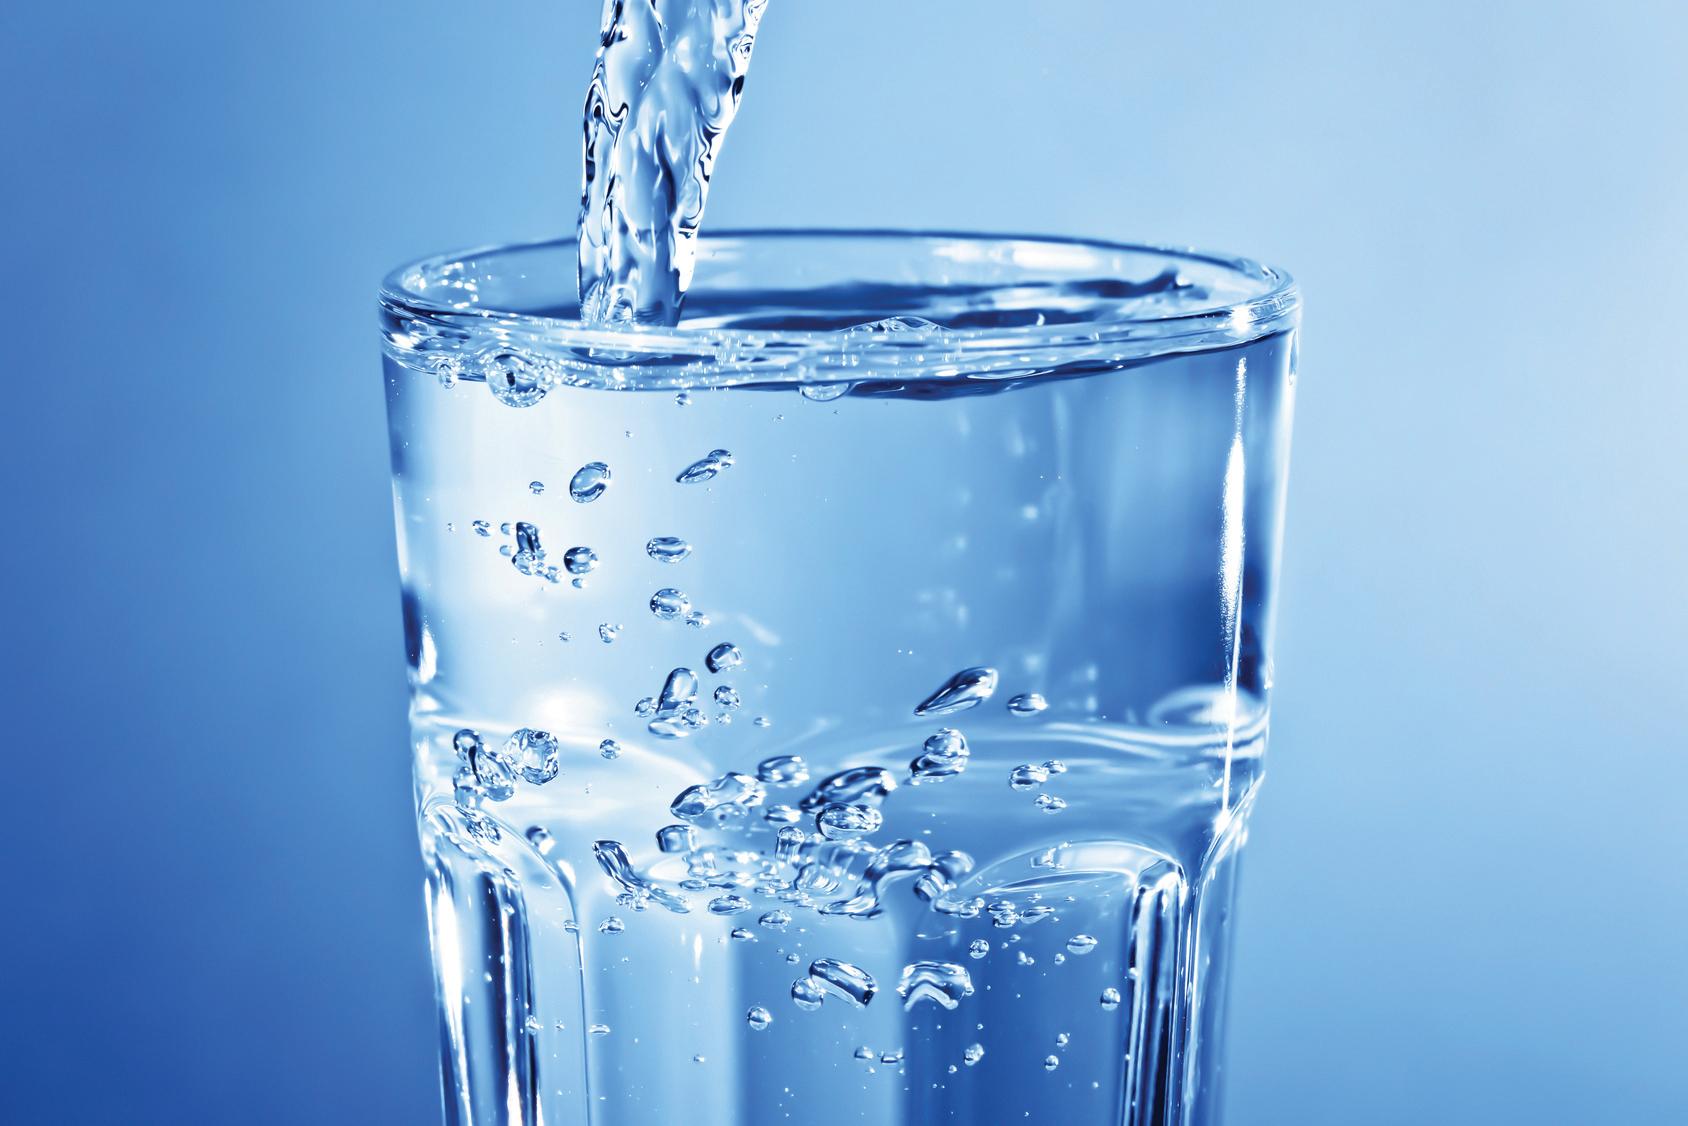 Sauberes klares Leitungswasser im Glas - Momentaufnahme